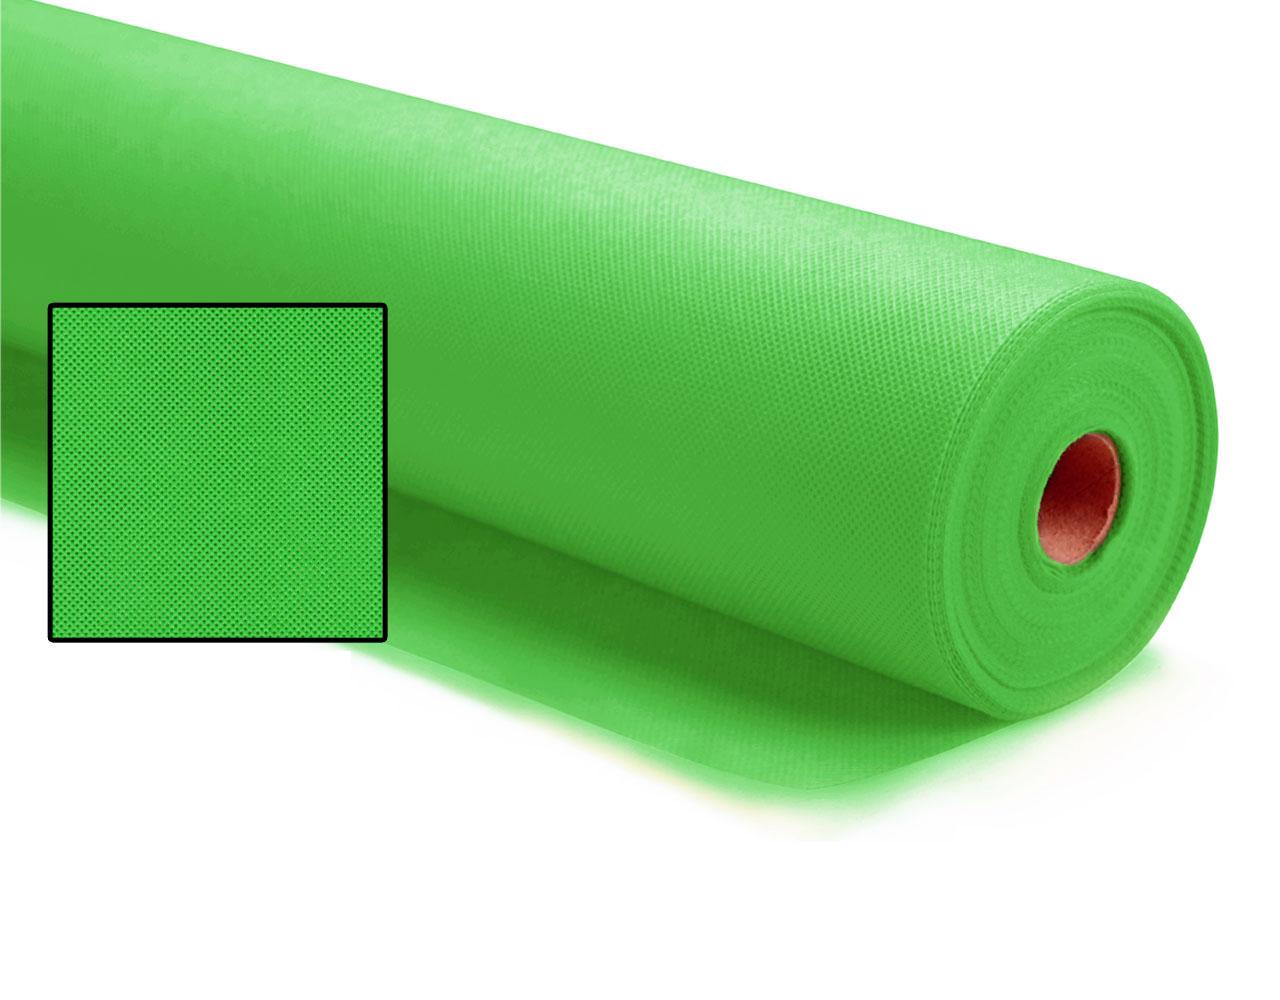 tejido sin tejer no tejido tnt exma